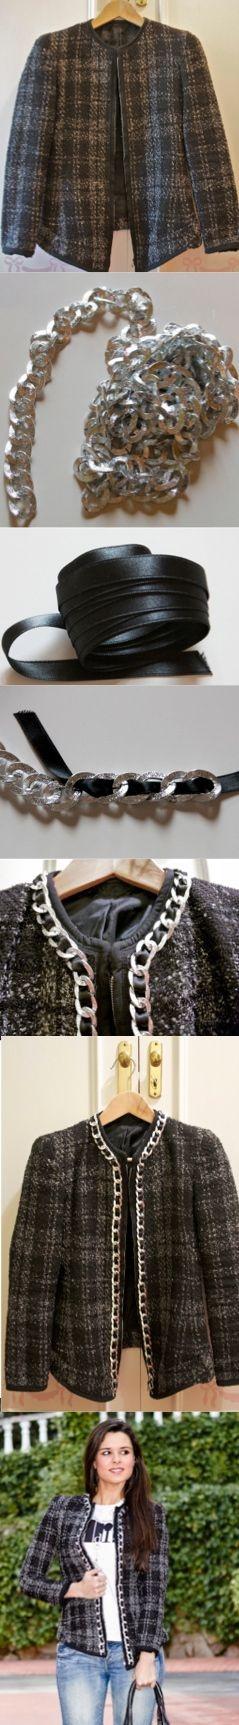 DIY Chain tweed jacket